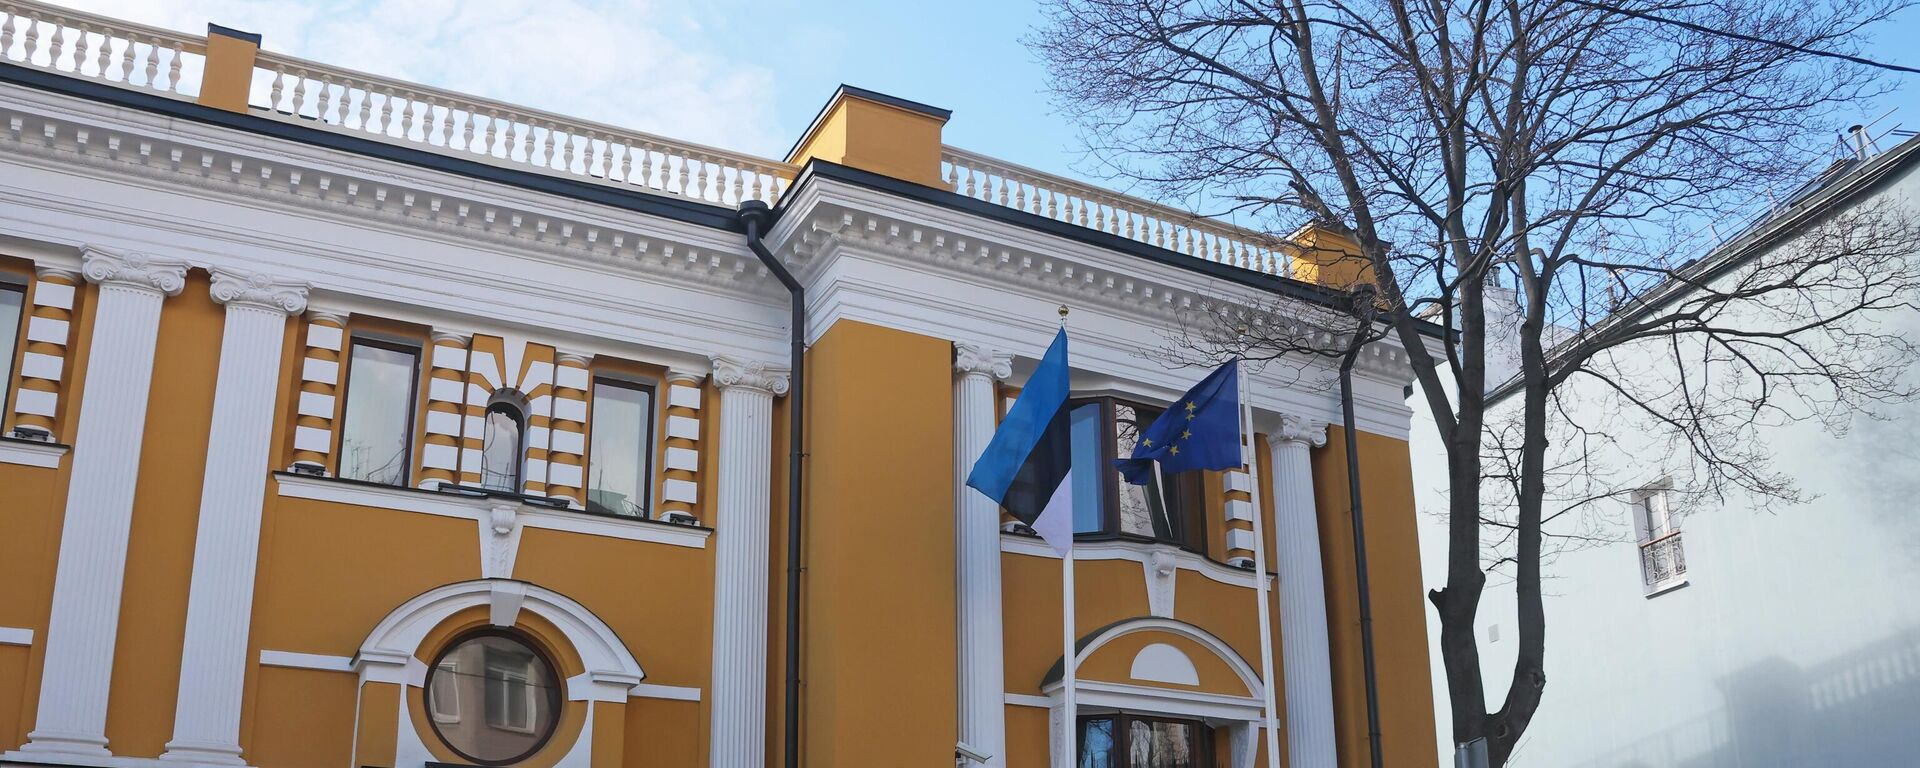 Зграда естонске амбасаде у Москви - Sputnik Србија, 1920, 03.08.2021